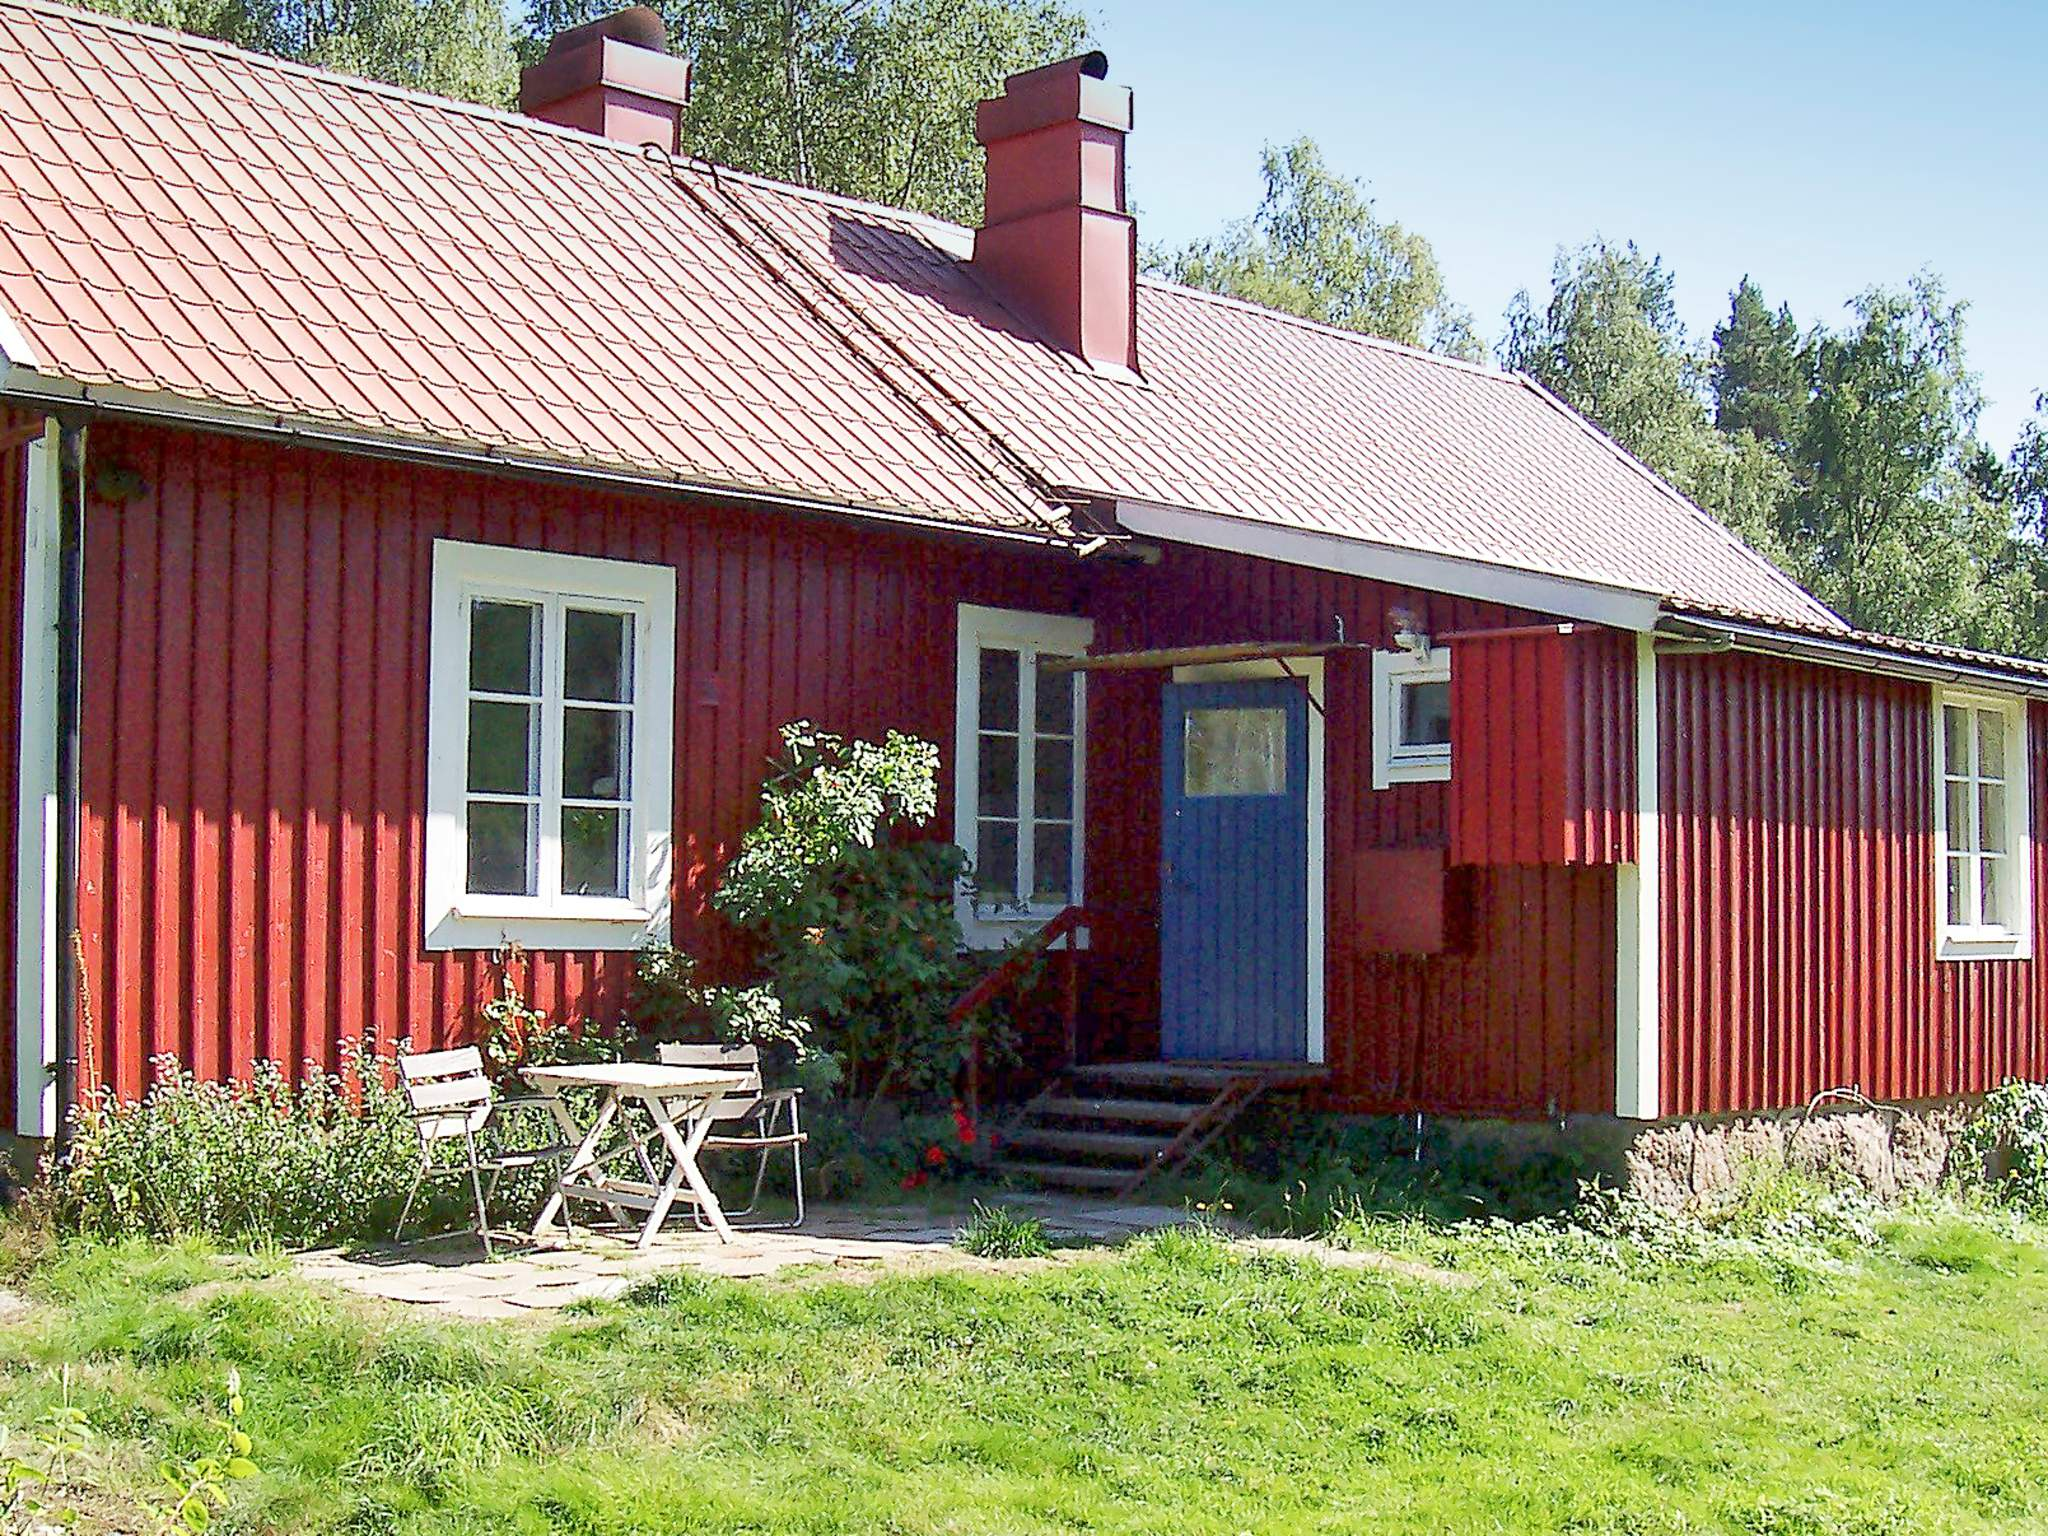 Ferienhaus Tving (135628), Tving, Blekinge län, Südschweden, Schweden, Bild 22